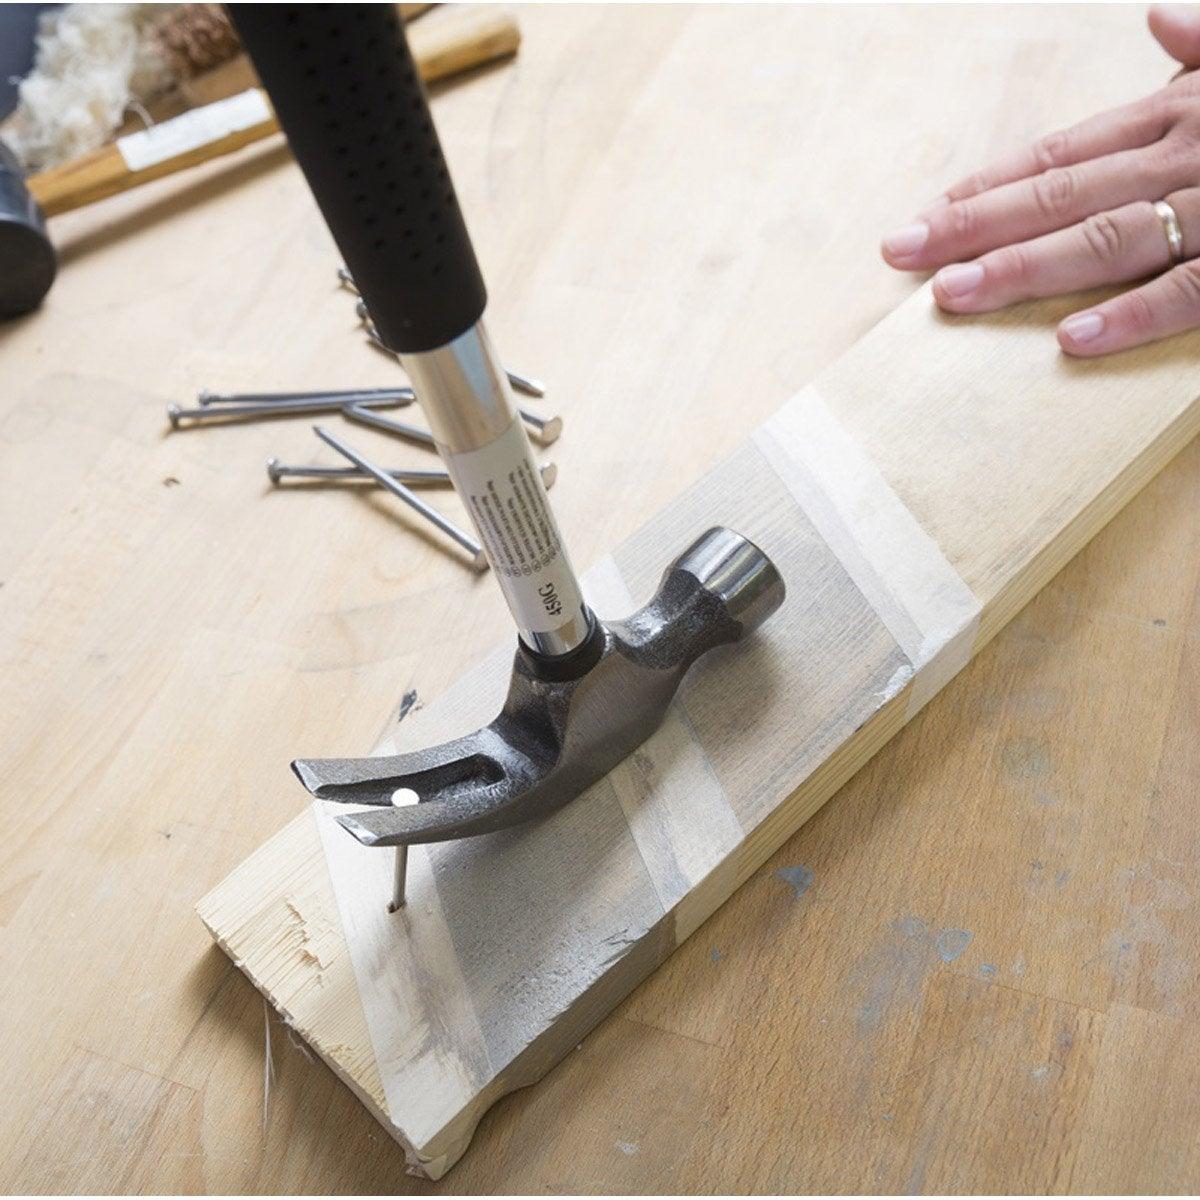 climatiseur split mobile leroy merlin simple elegant. Black Bedroom Furniture Sets. Home Design Ideas